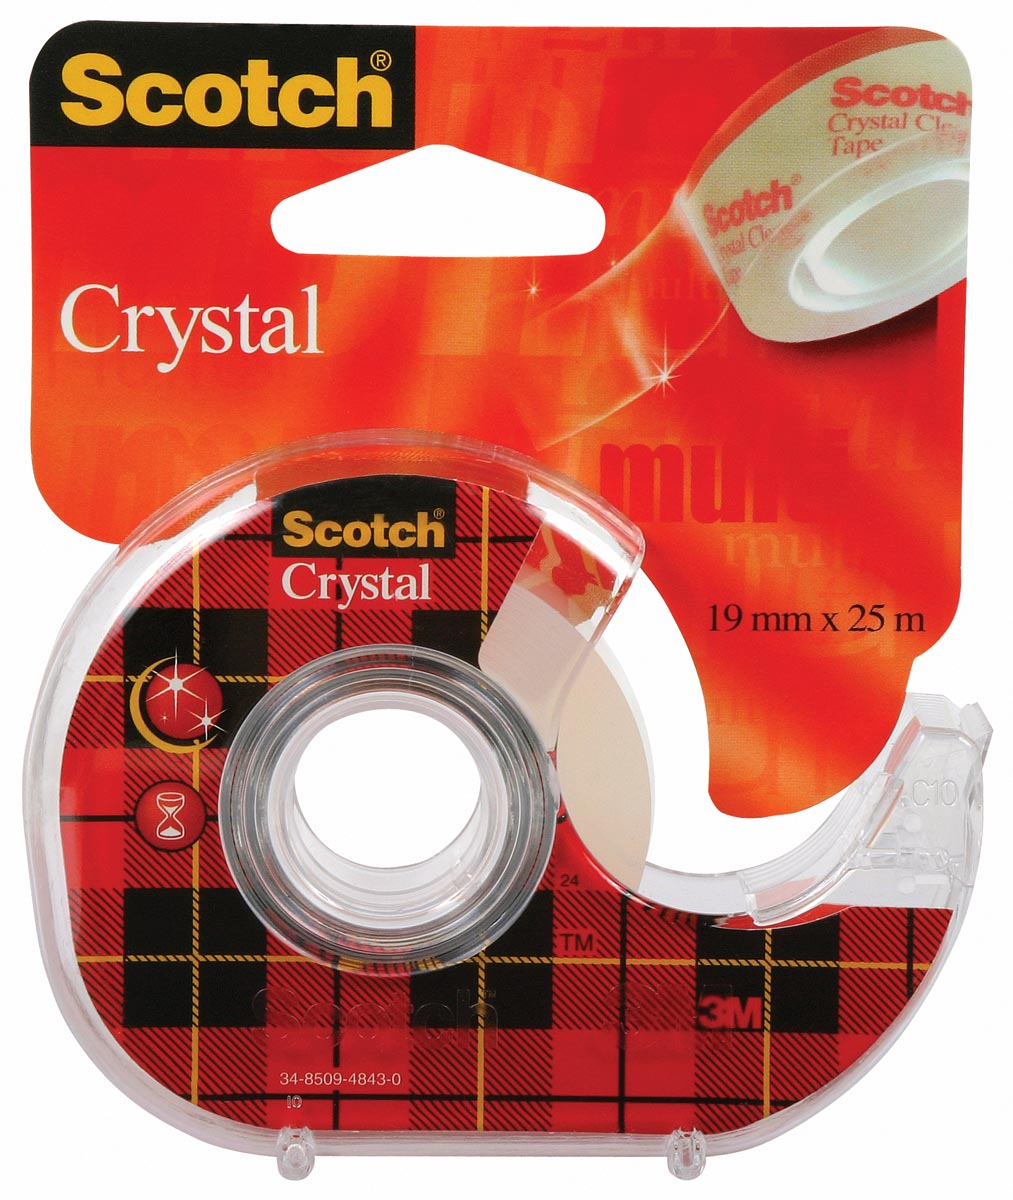 Scotch Plakband Crystal ft 19 mm x 25 m, blister met 1 afroller met 1 rolletje